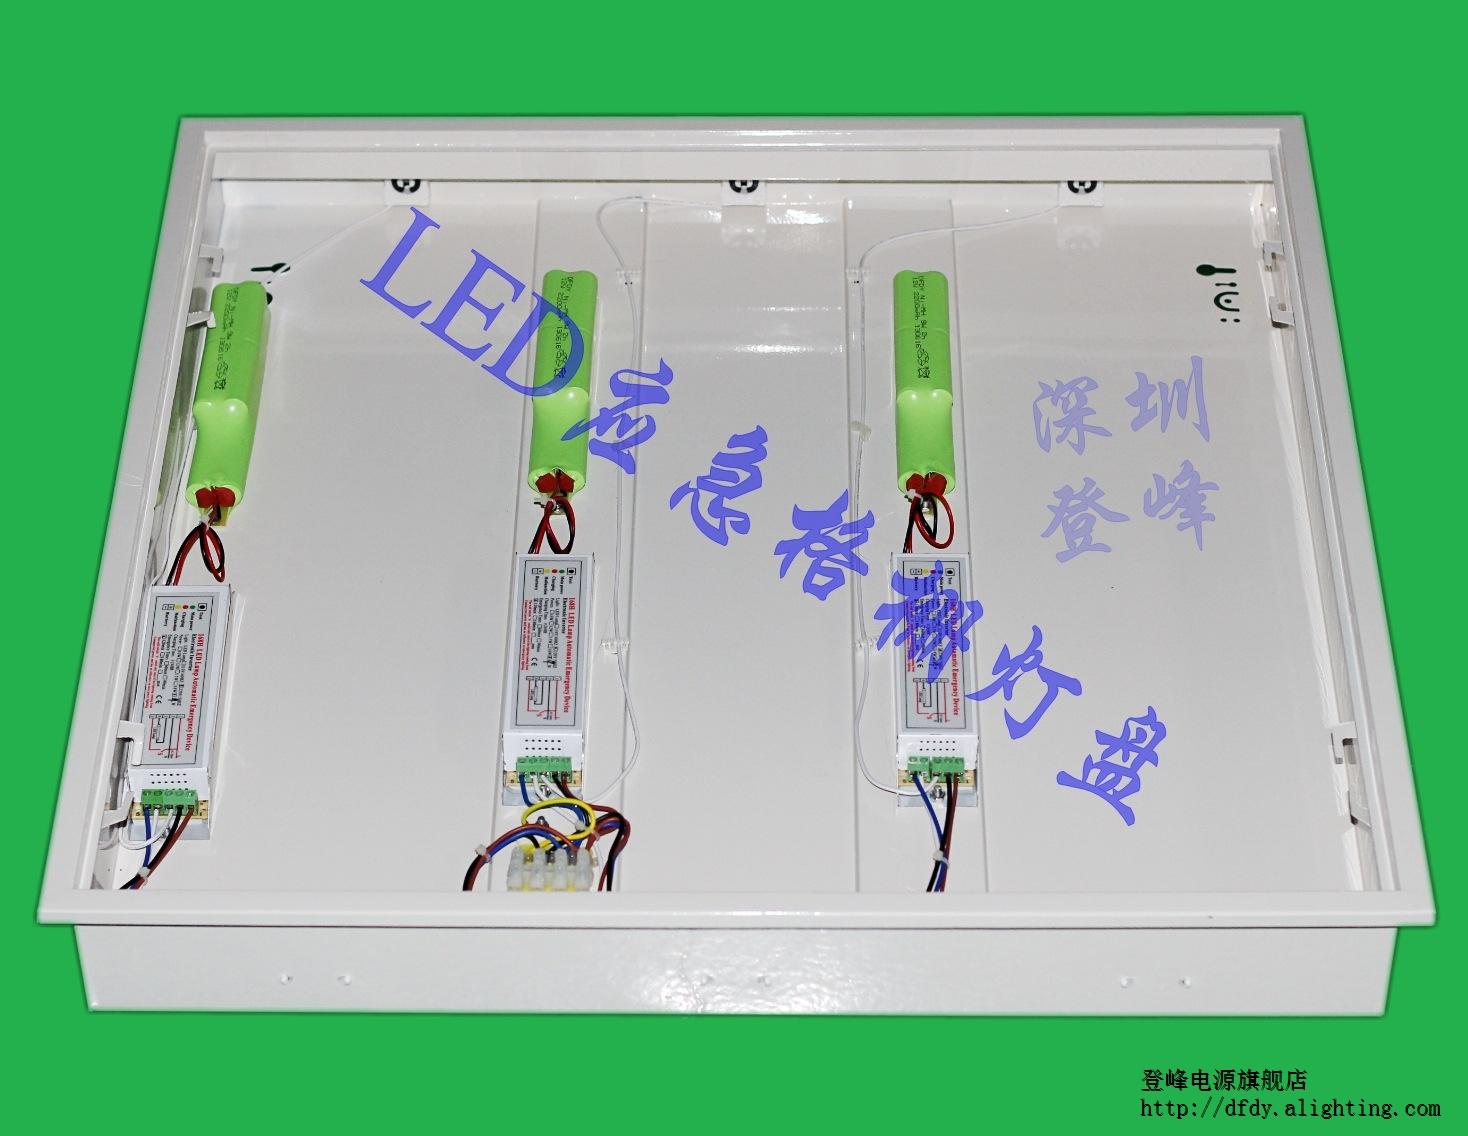 厂家供应led格栅灯应急电源led应急照明消防电源支架